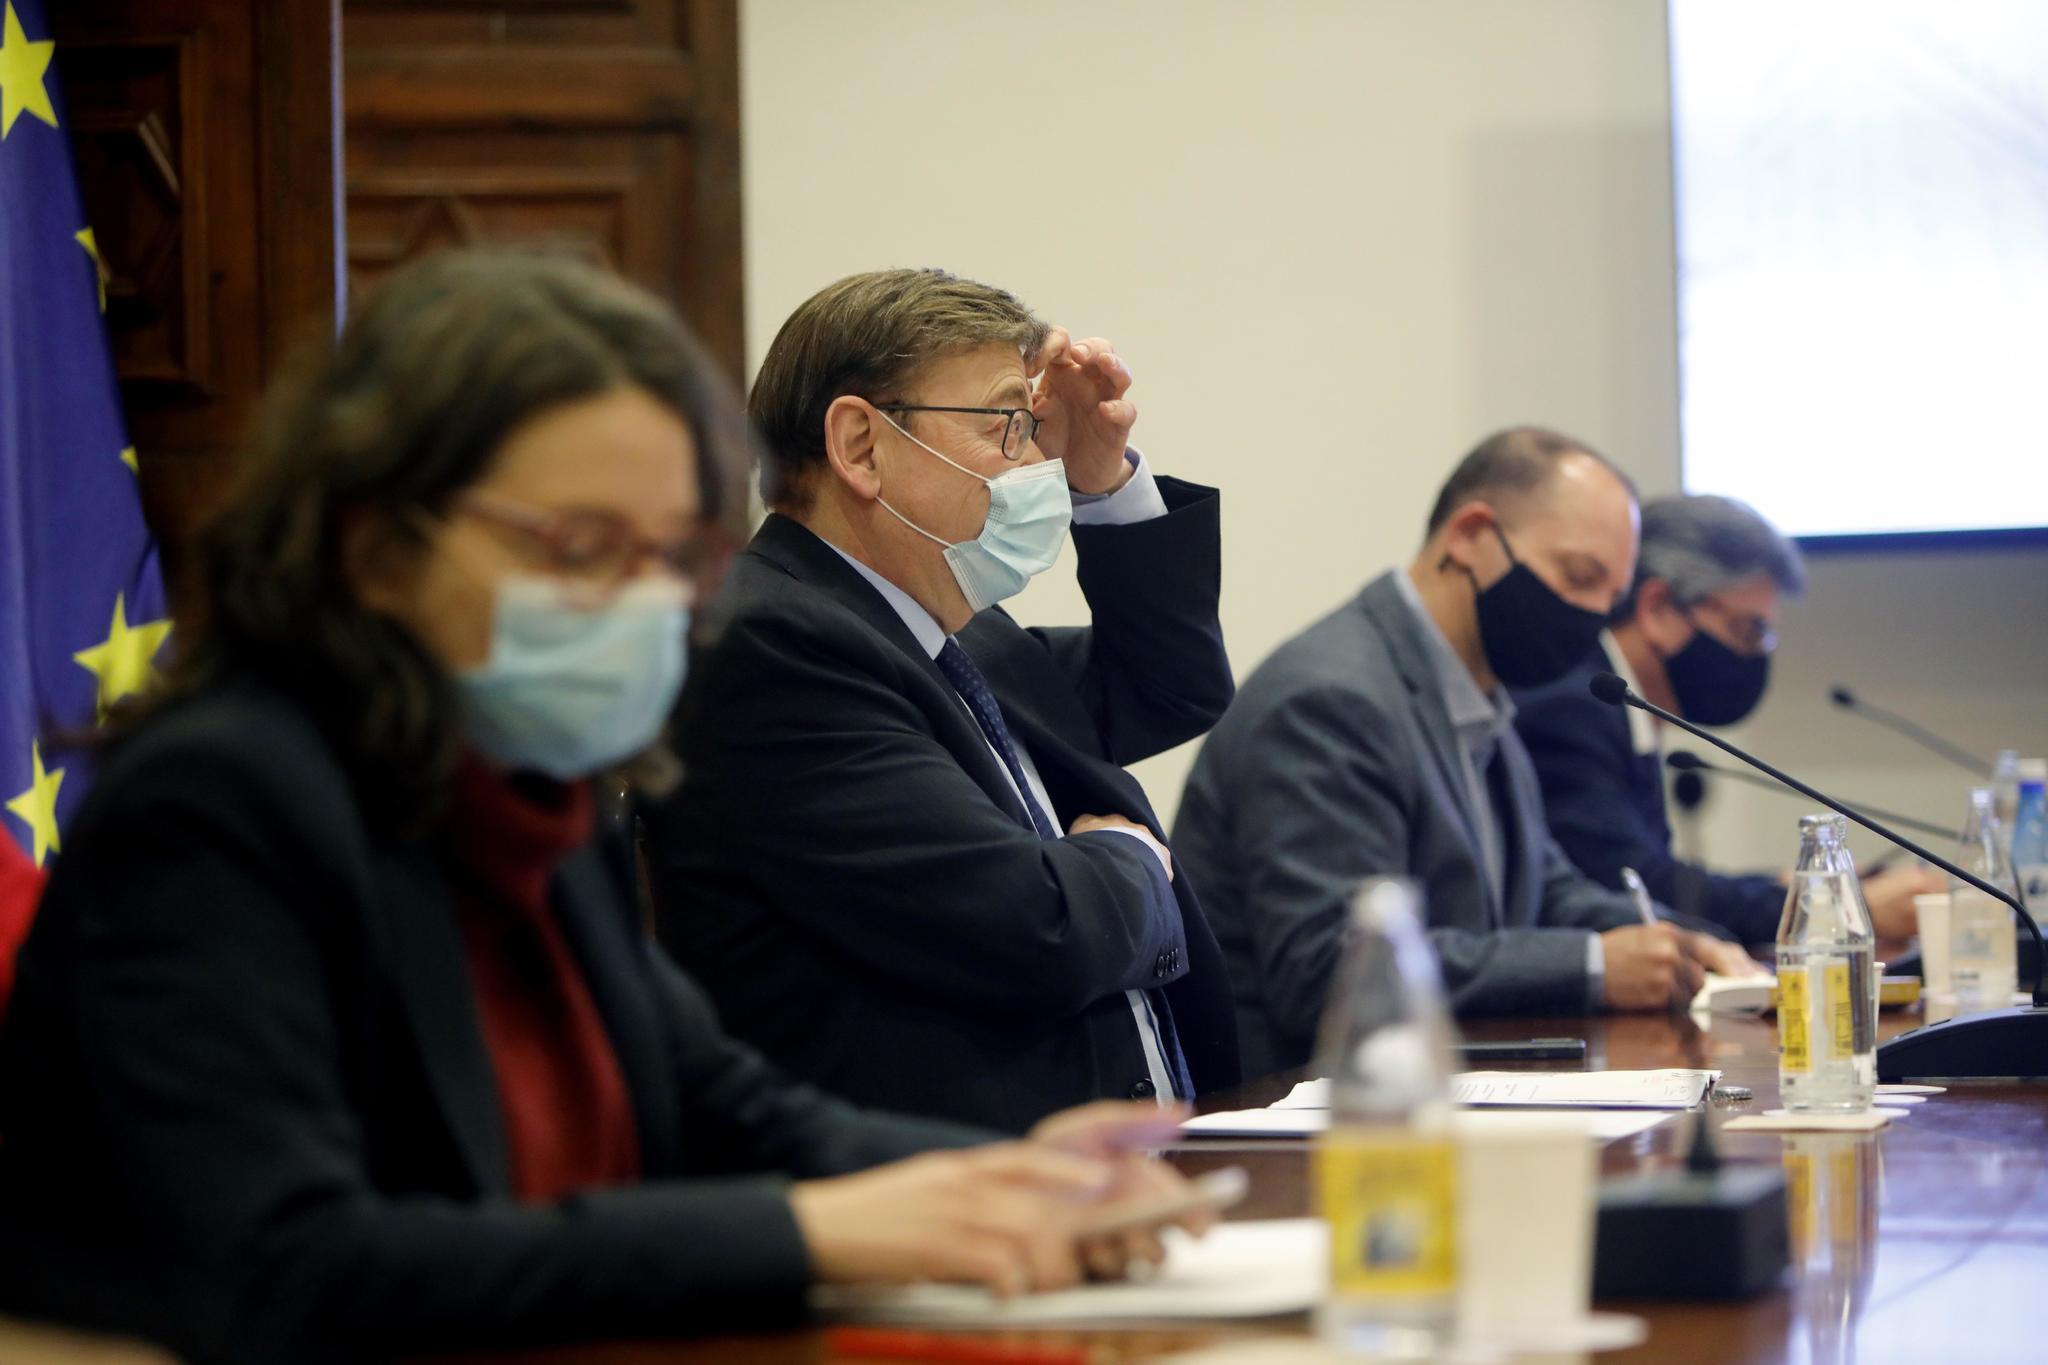 El presidente Puig, junto a los vicepresidentes Oltra y Martínez Dalmau, en la reunión.